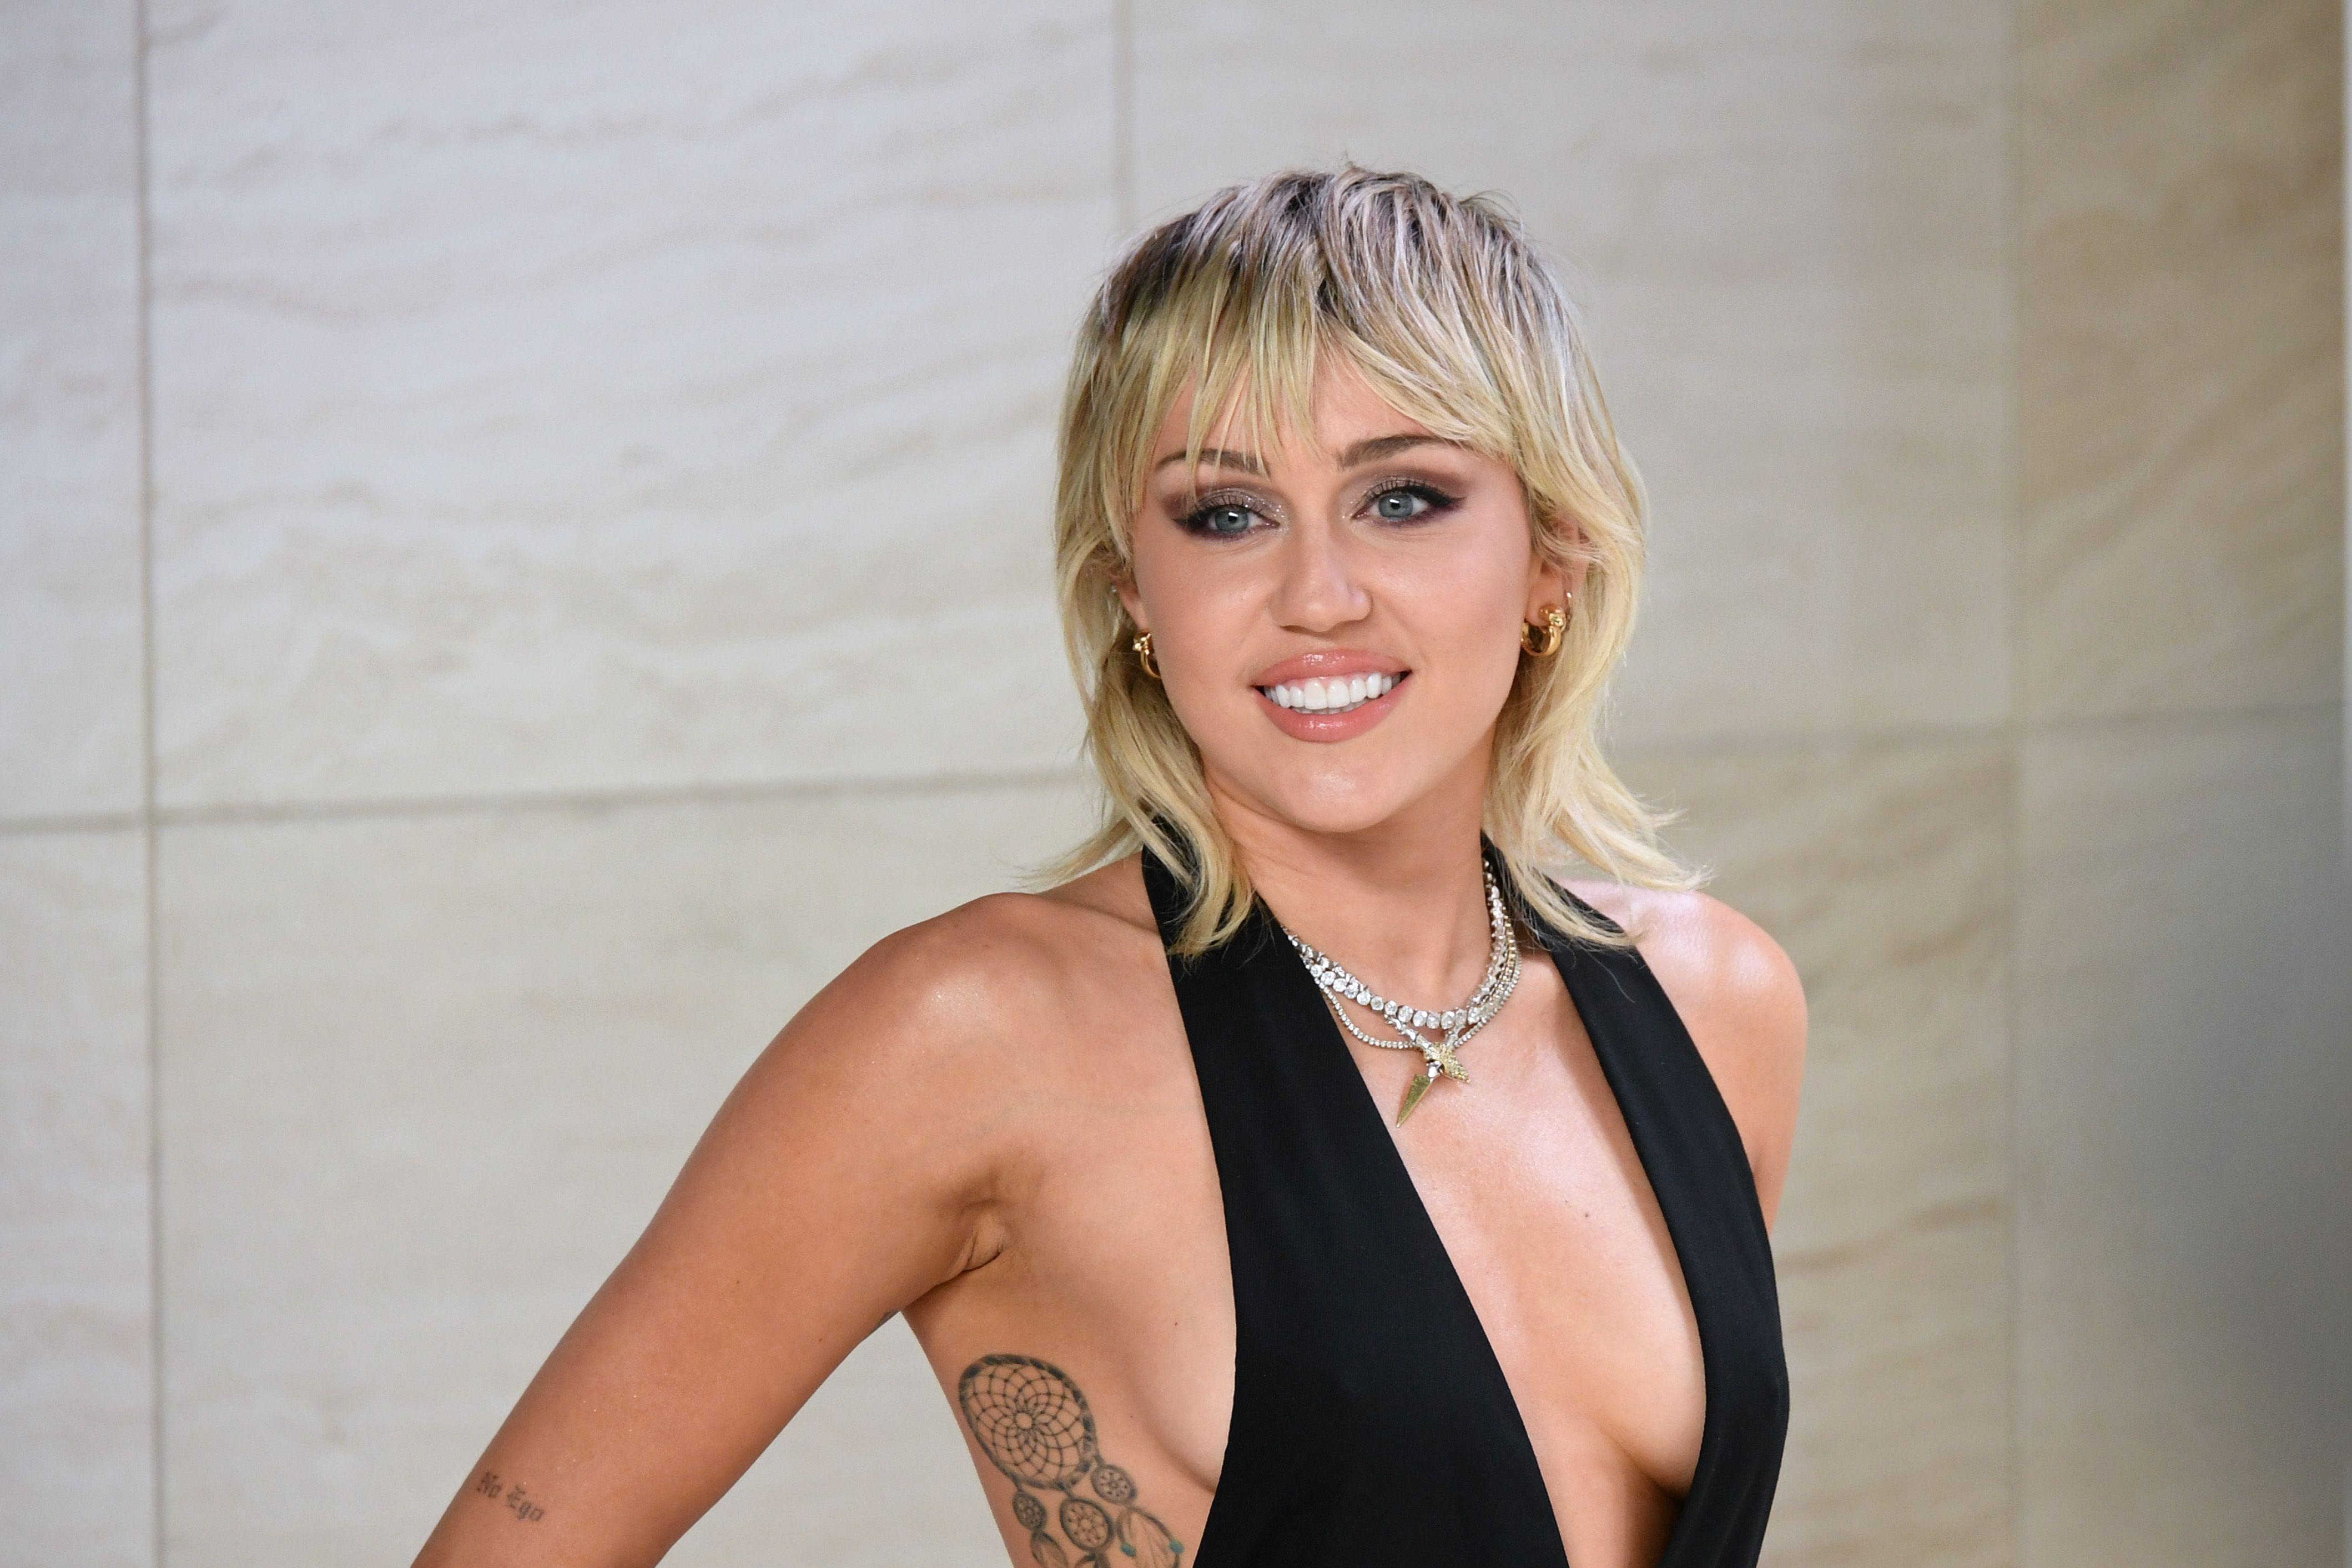 Miley Cyrus poses smiling at the camera